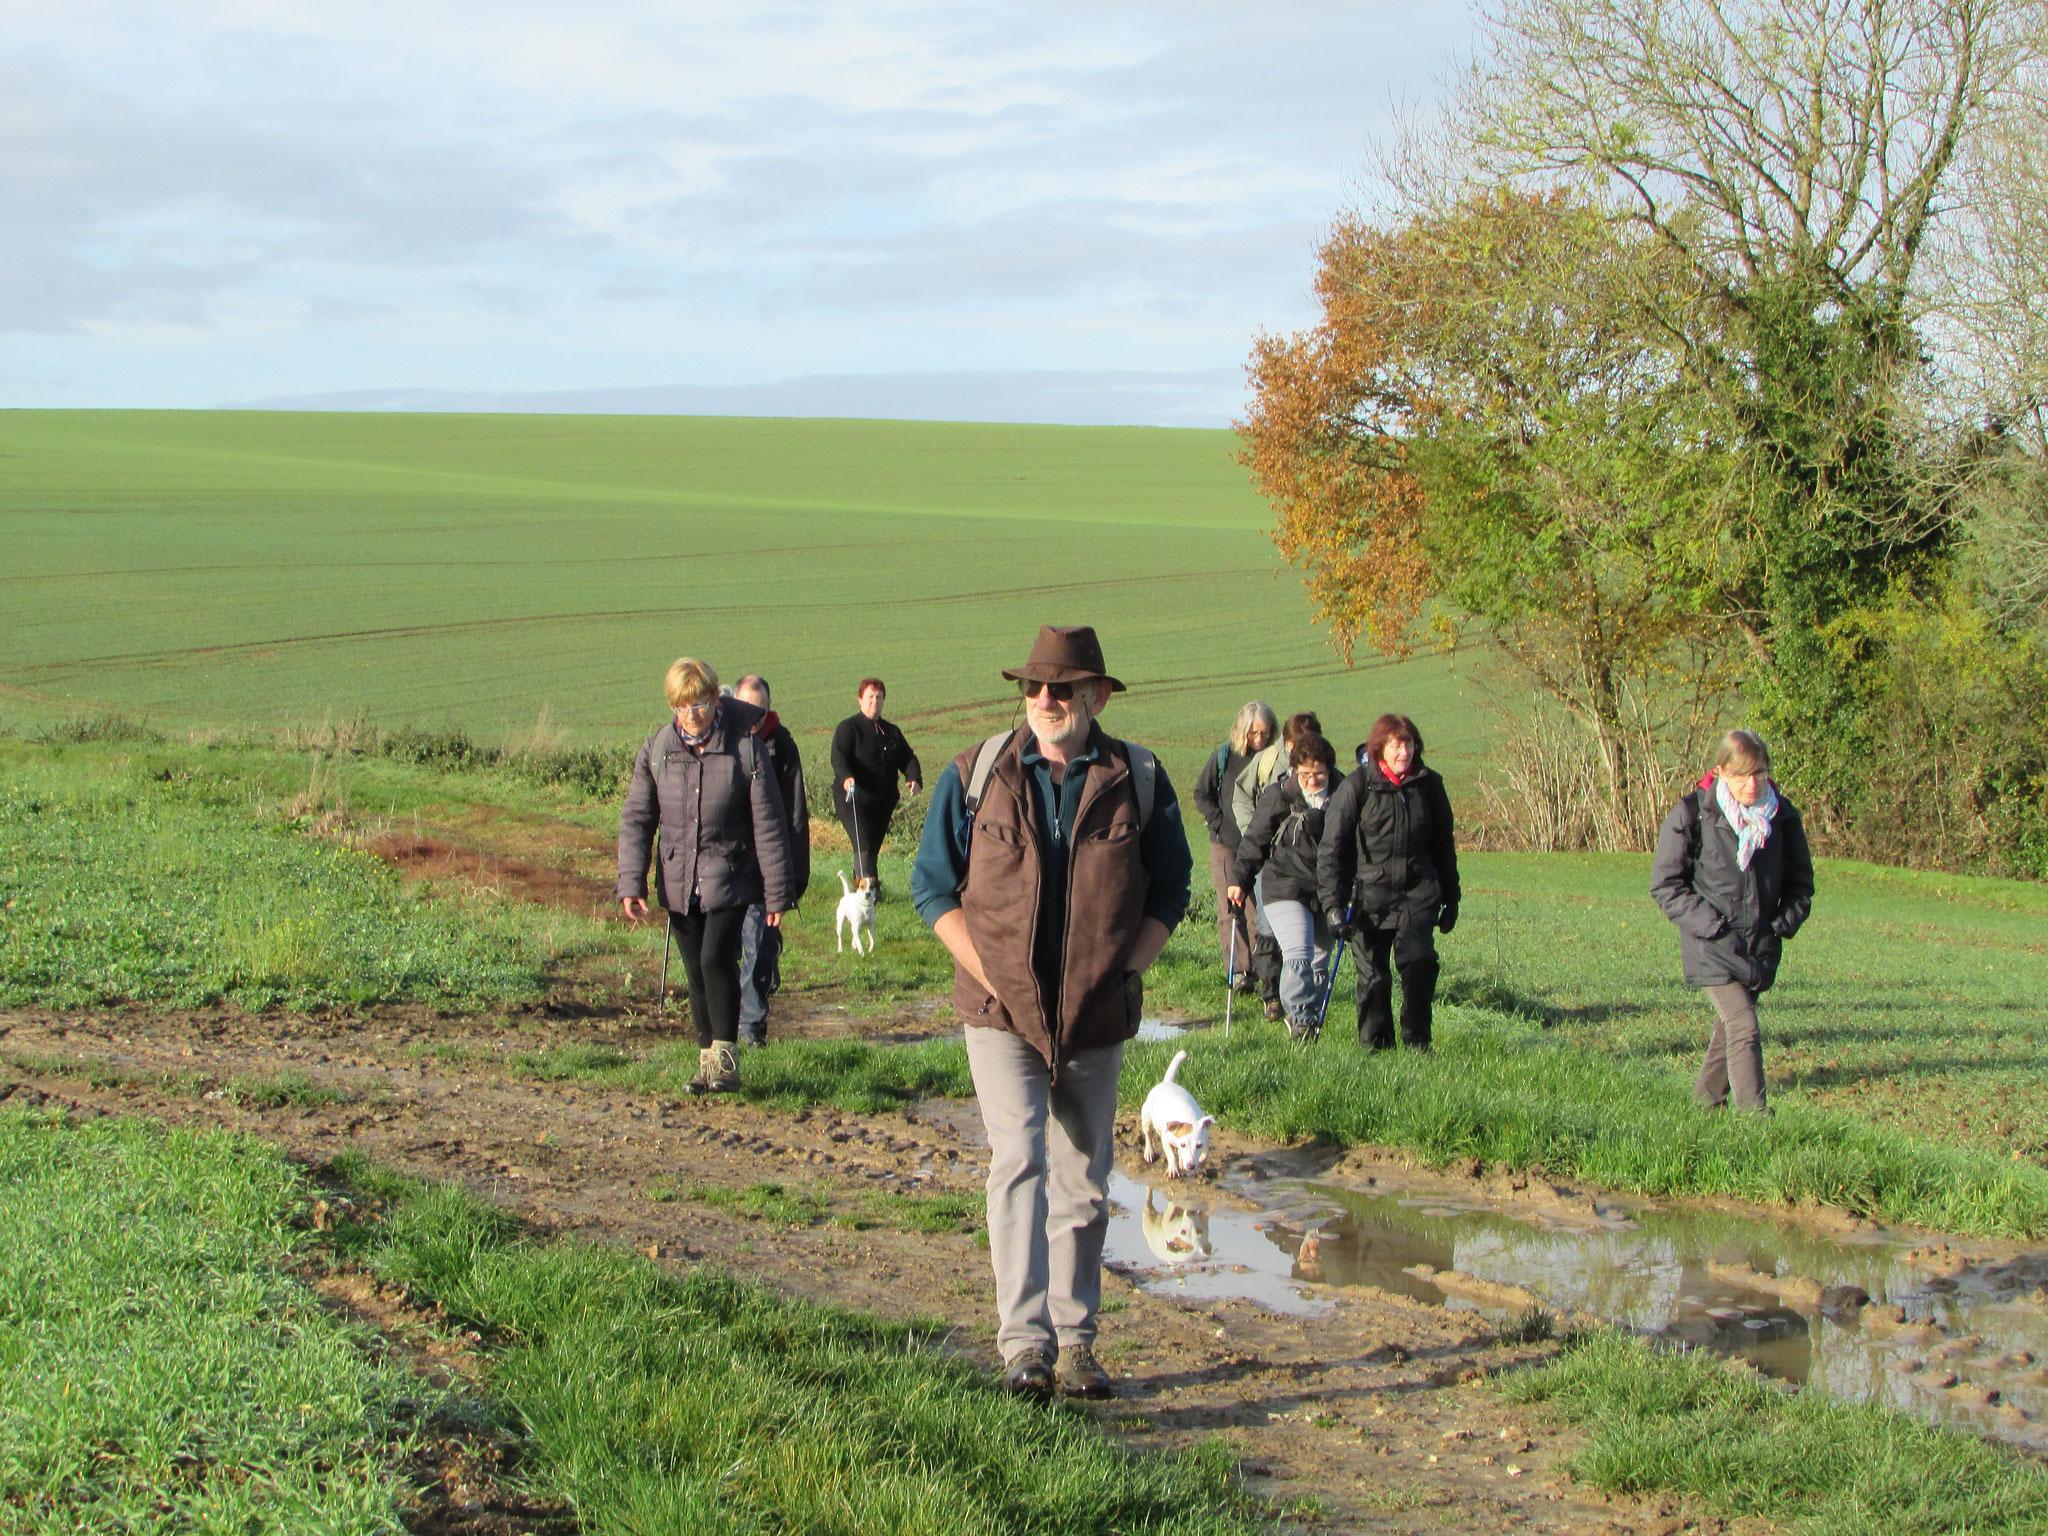 Randonnée nature autour de Martincourt